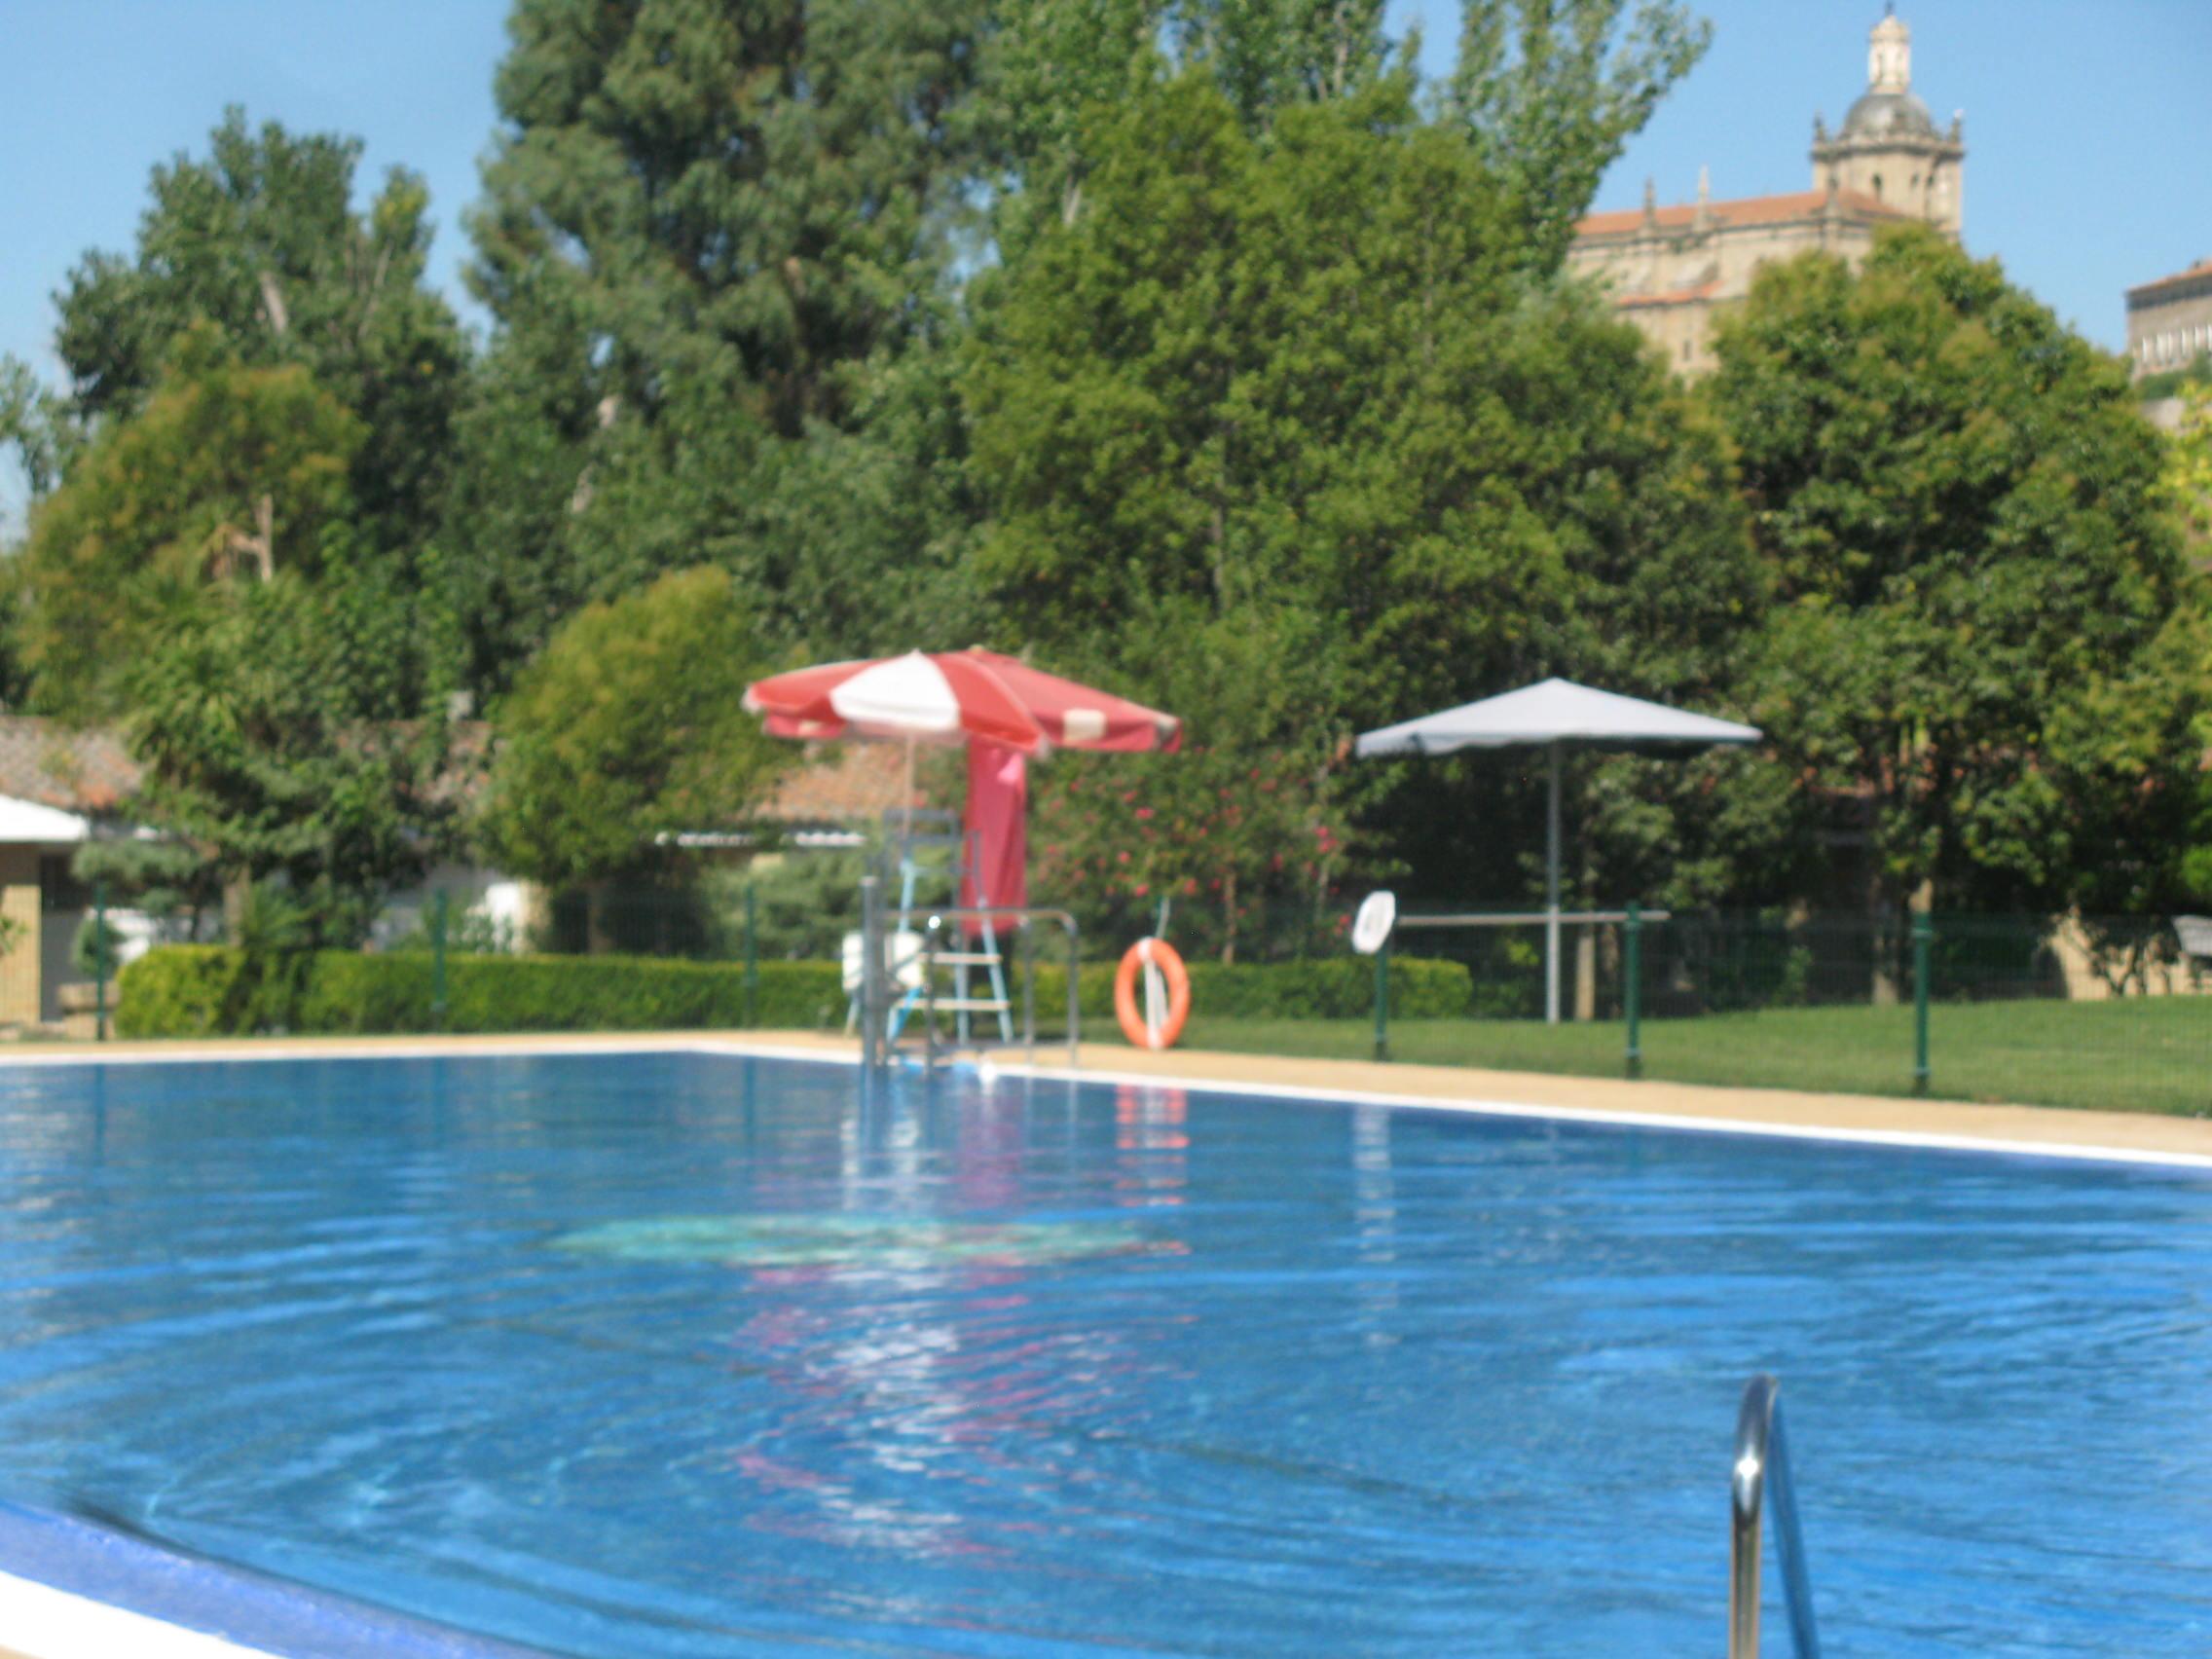 El Domingo Día 10 Abrirán Las Piscinas Municipales De Coria Noticias Coria